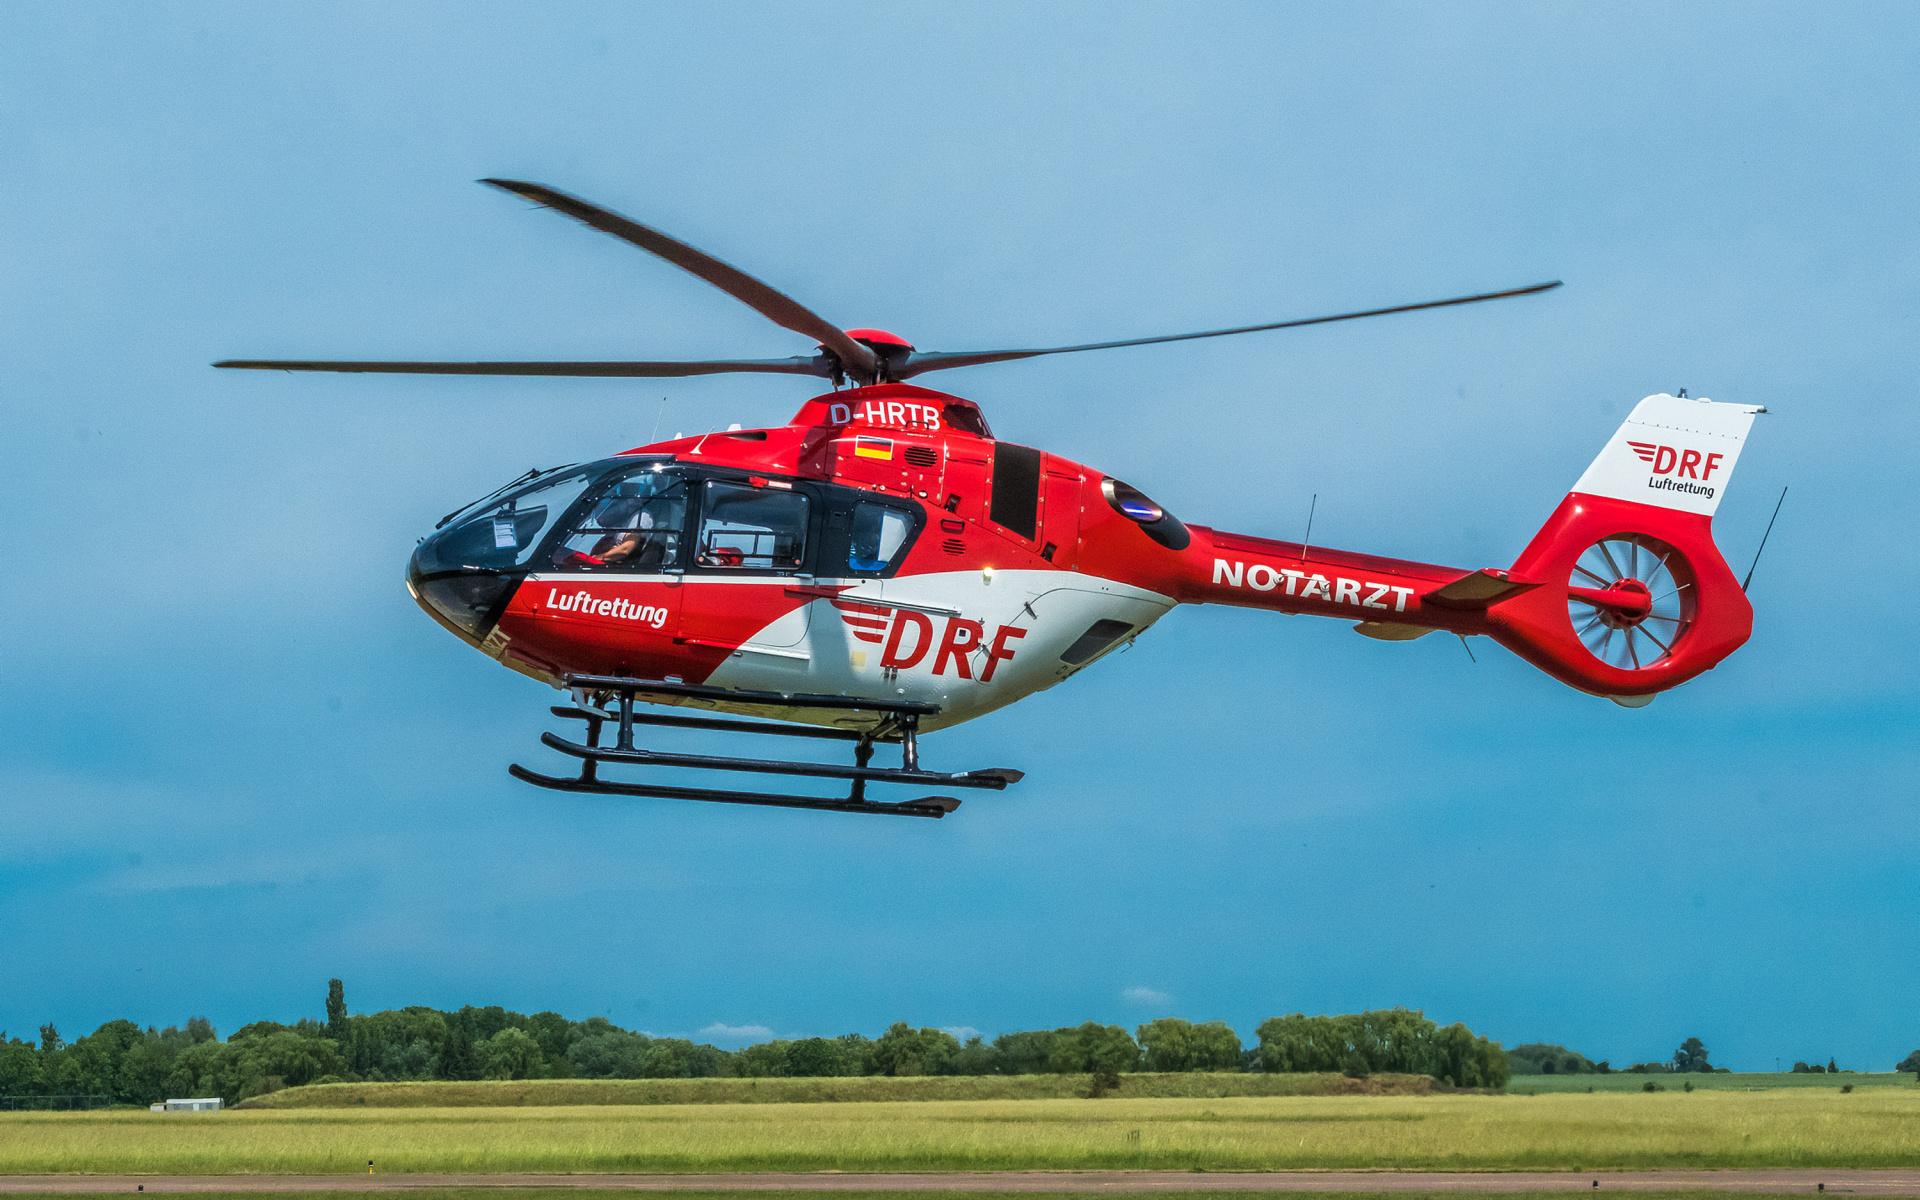 Hubschrauber des Typs H 135 der DRF Luftrettung im Einsatz.